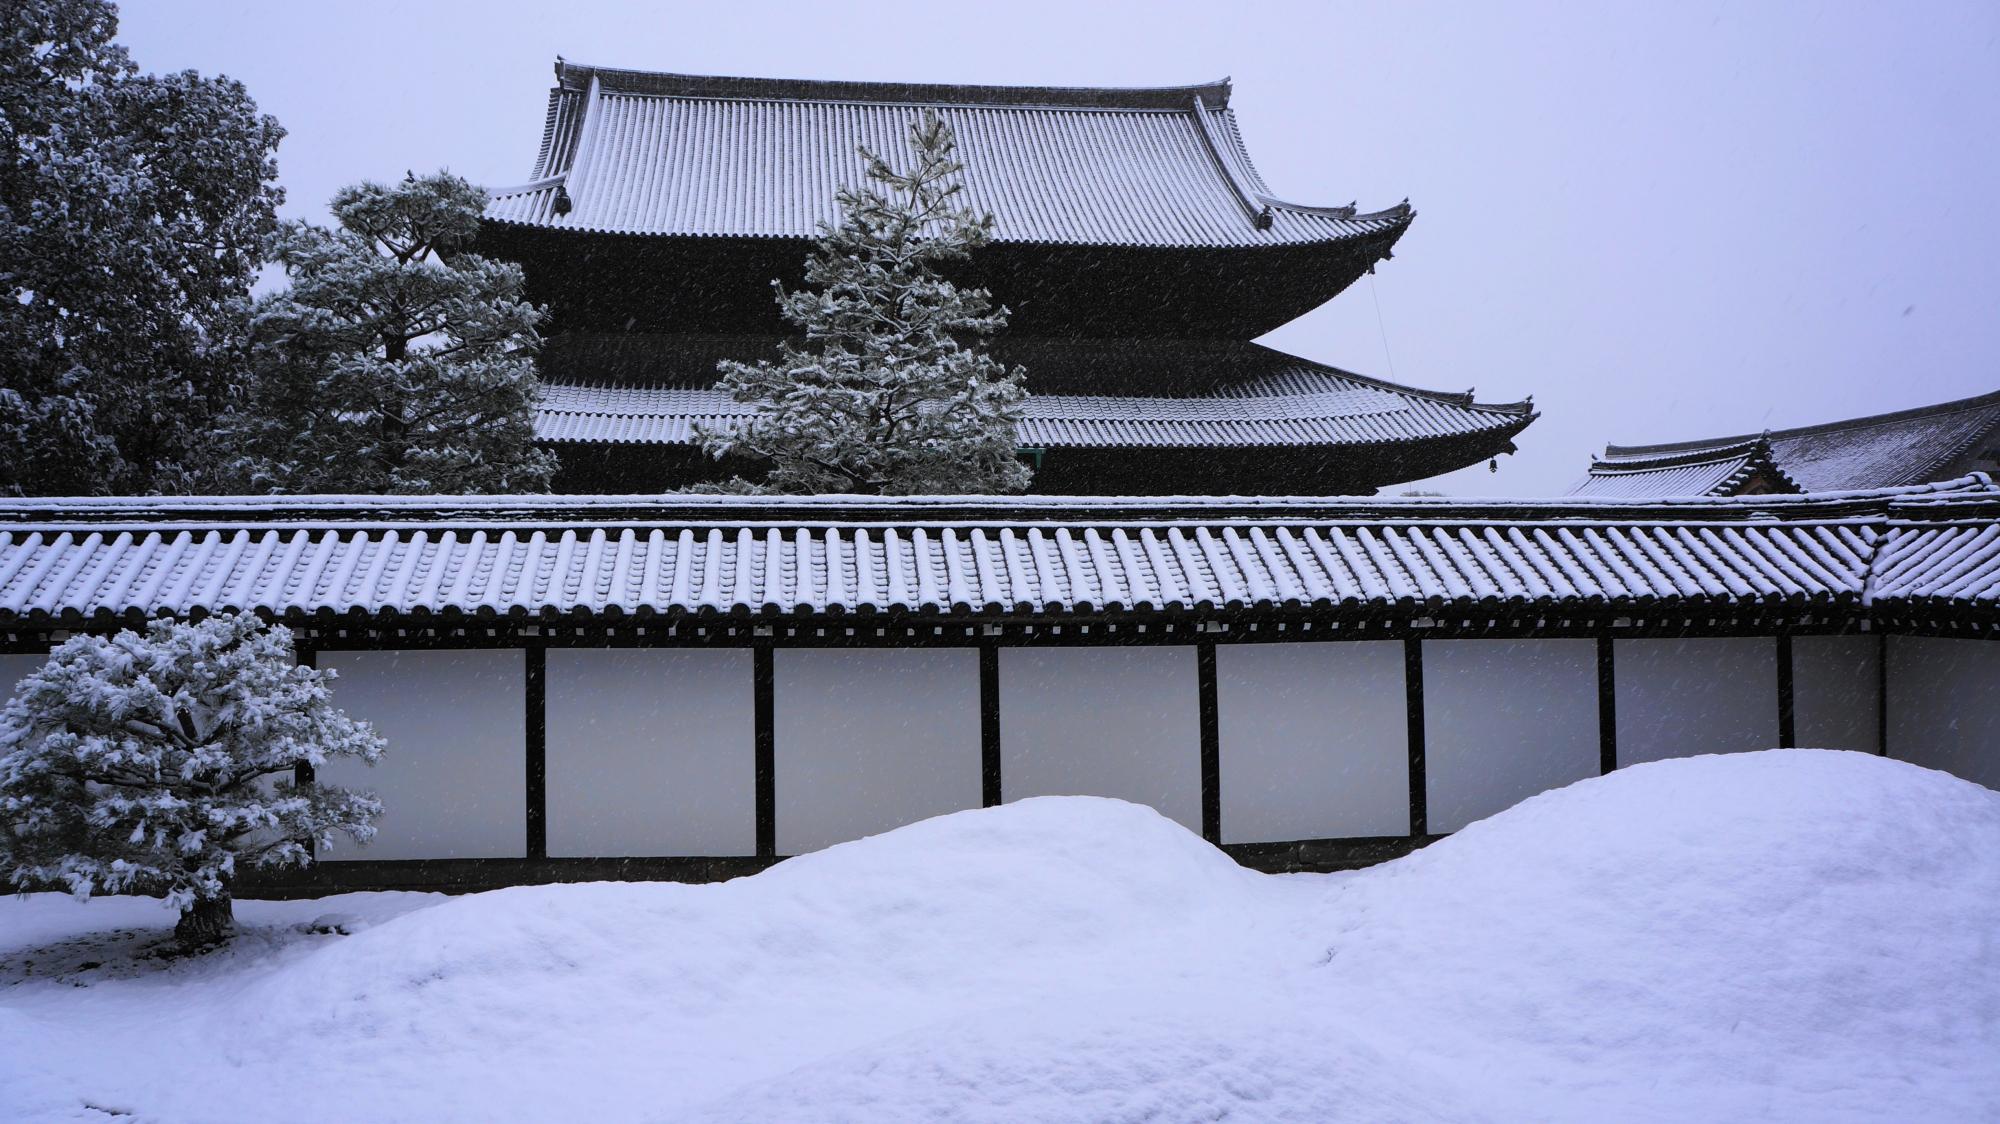 苔の築山も白くそまった雪の方丈南庭